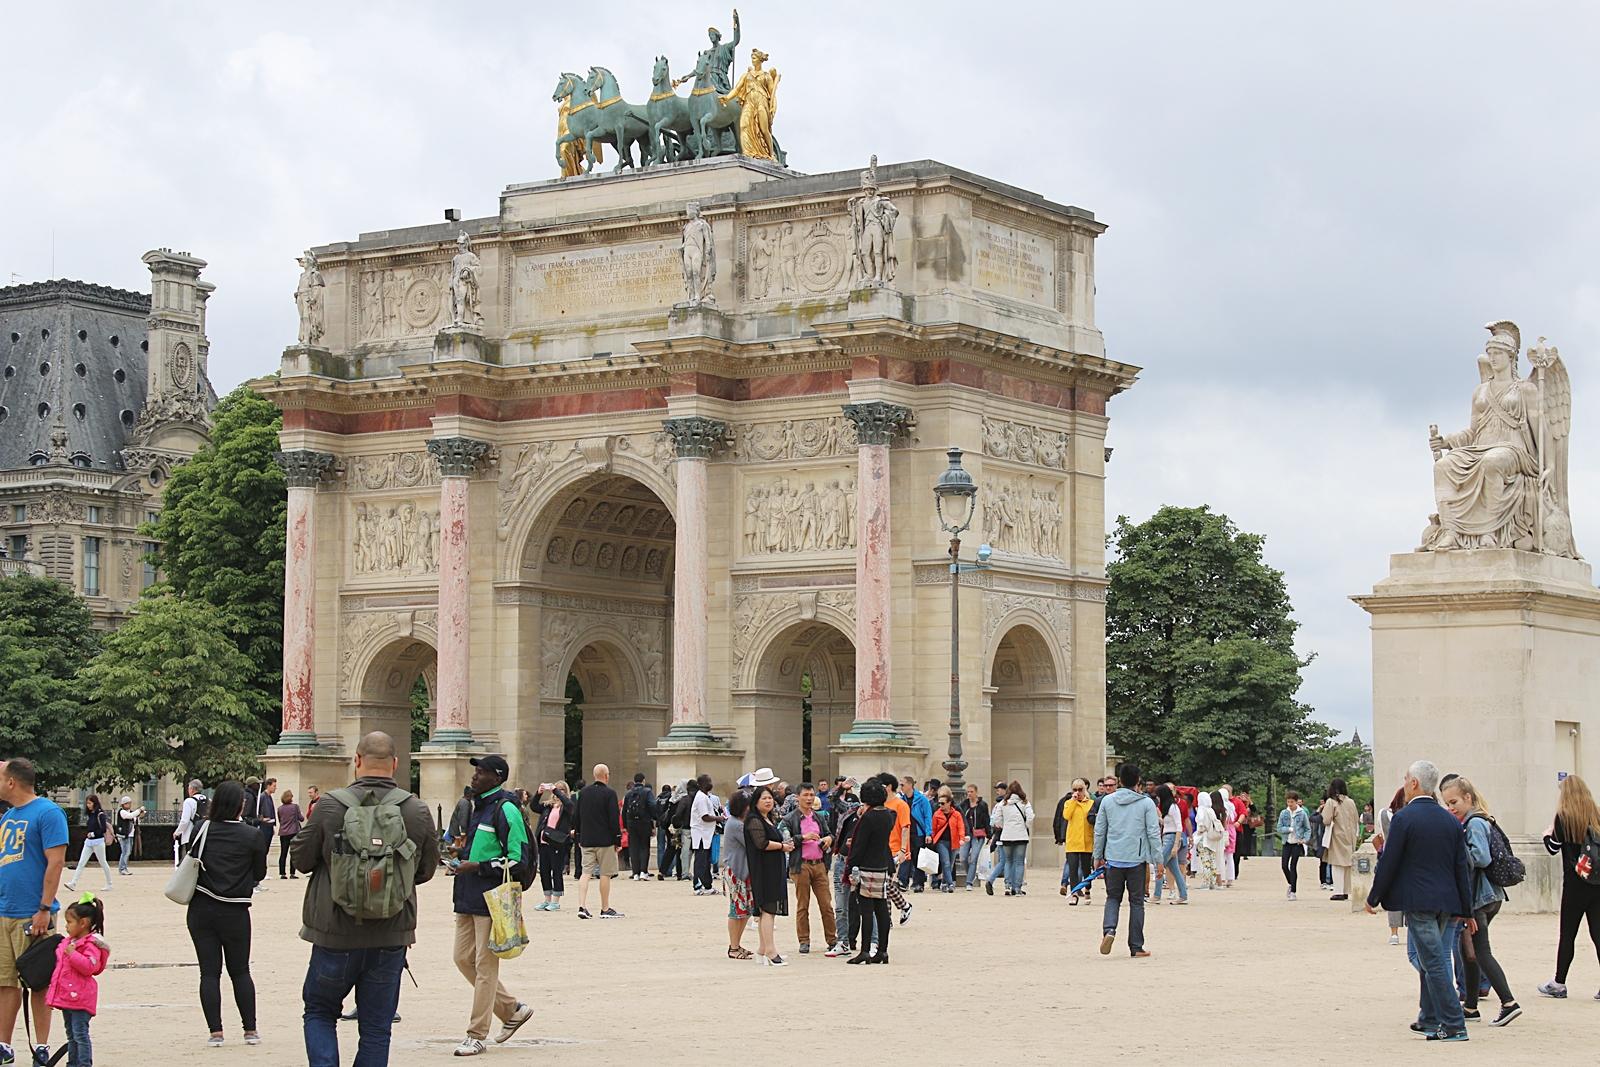 Vi kör en turist, jag visst i Paris dag 2